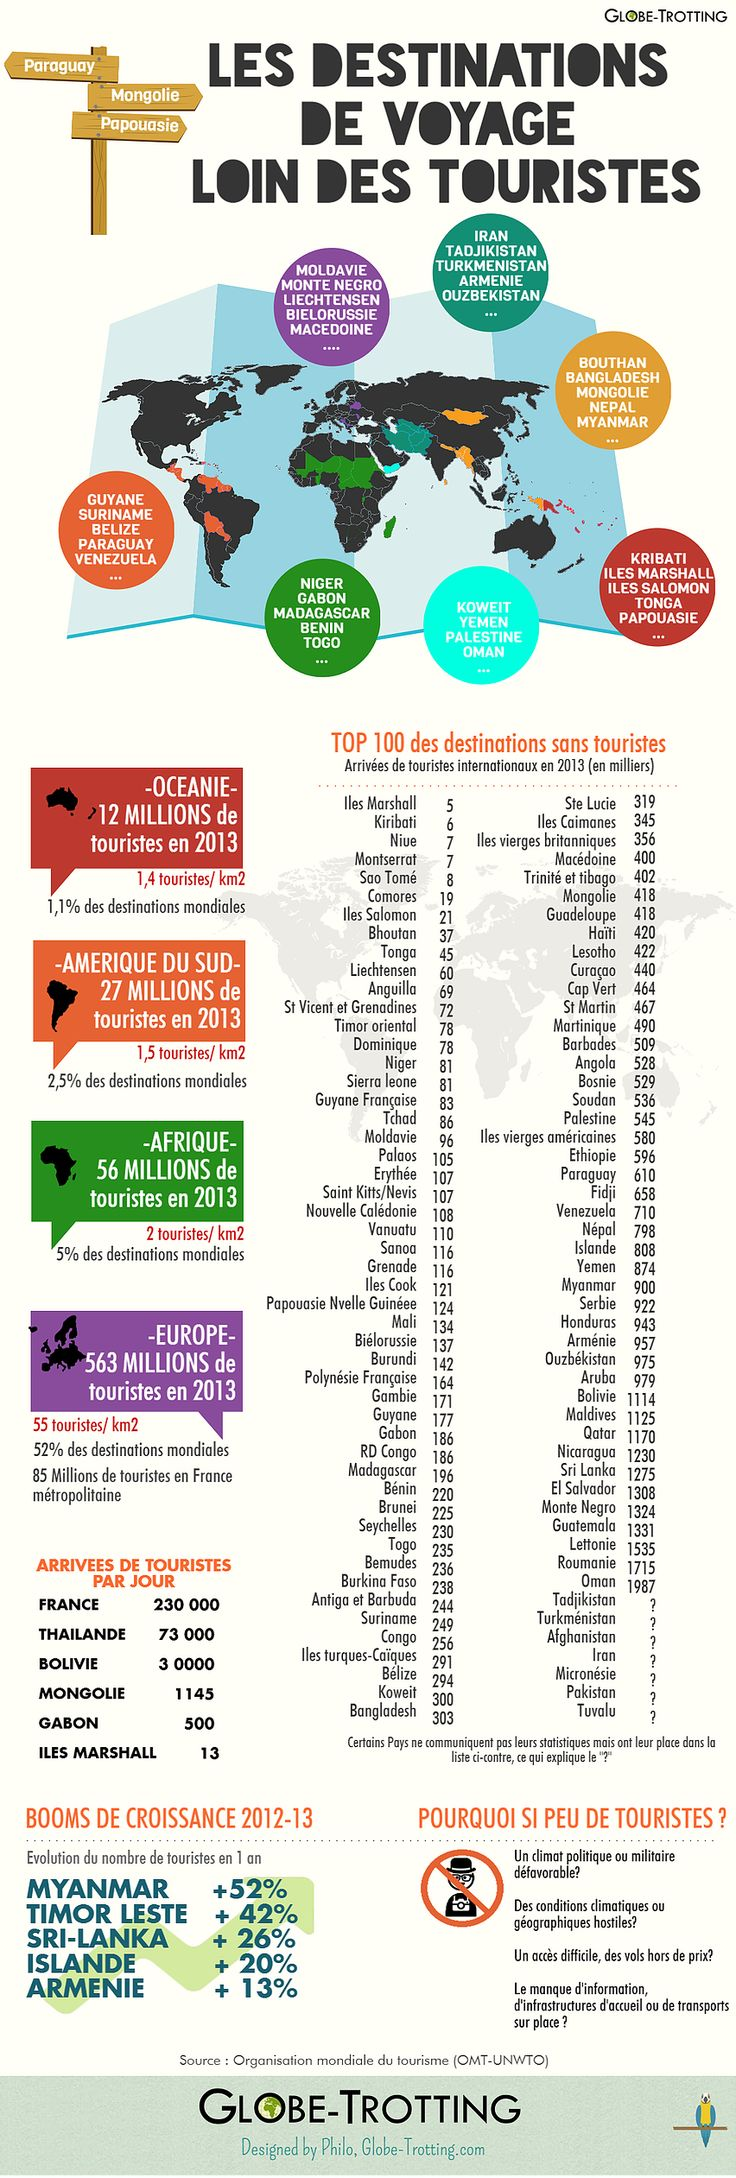 Où partir pour éviter les foules de touristes ?Quels sont les pays qui reçoivent le moins de visiteurs chaque année ?Tandis que la France accueille plus